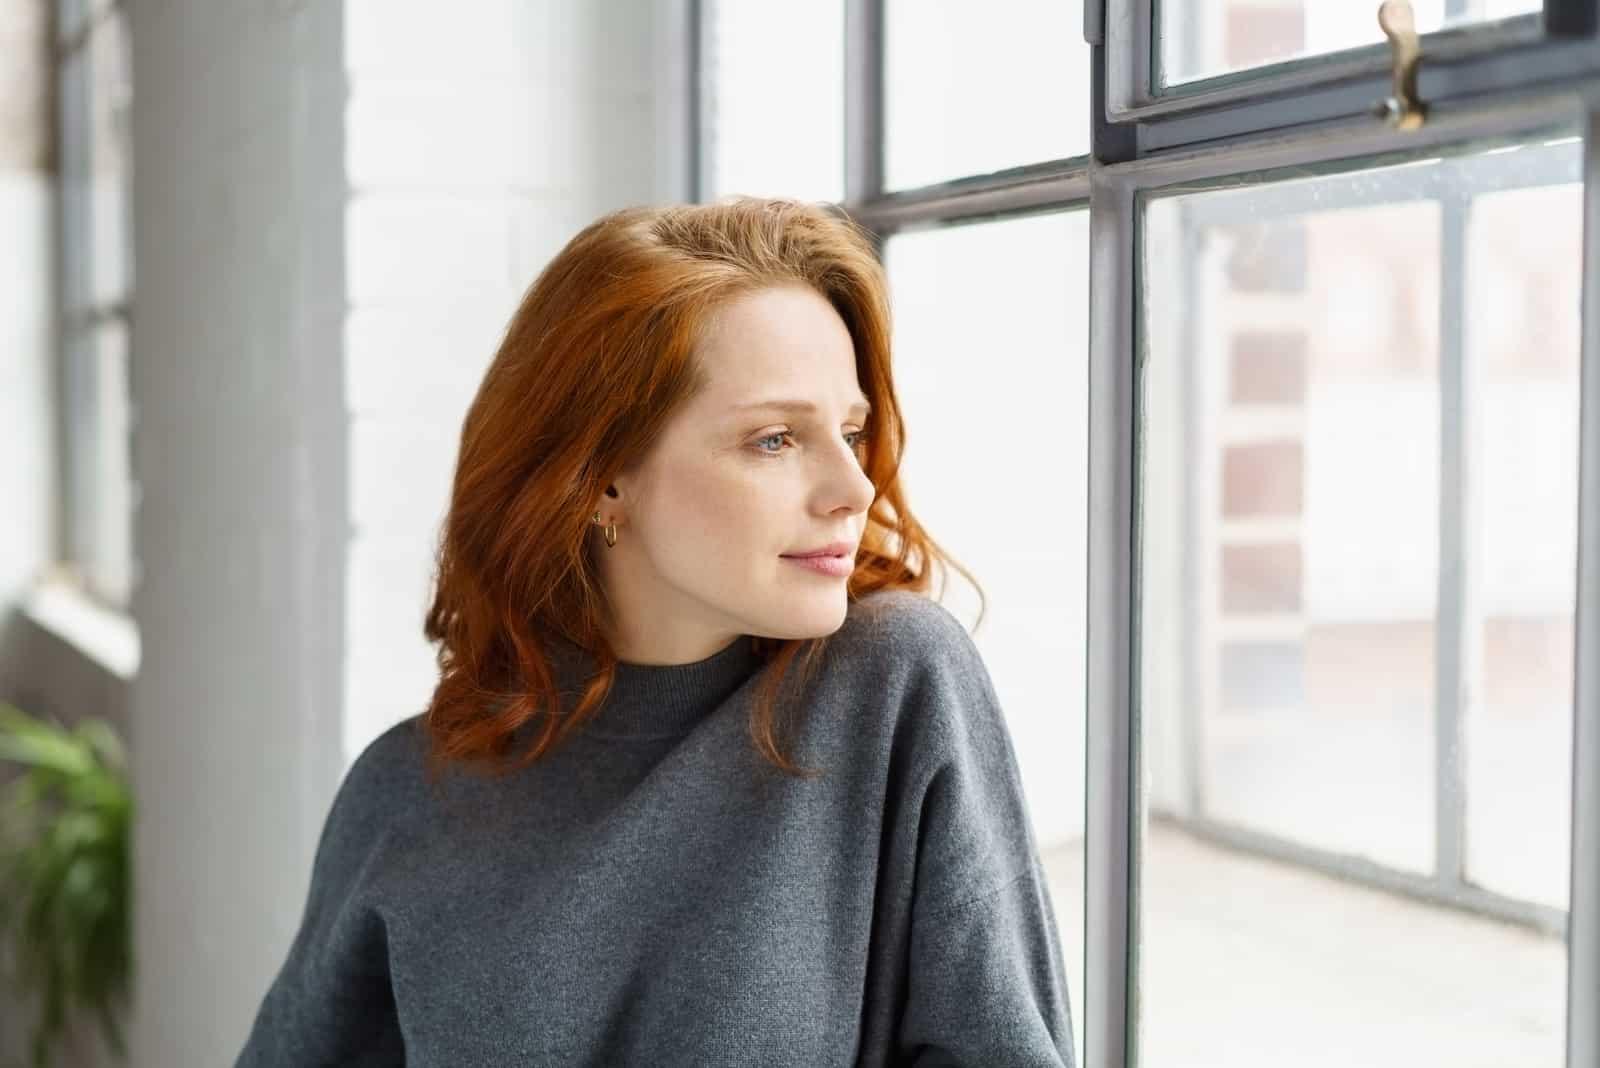 Pensive jolie jeune femme rousse debout